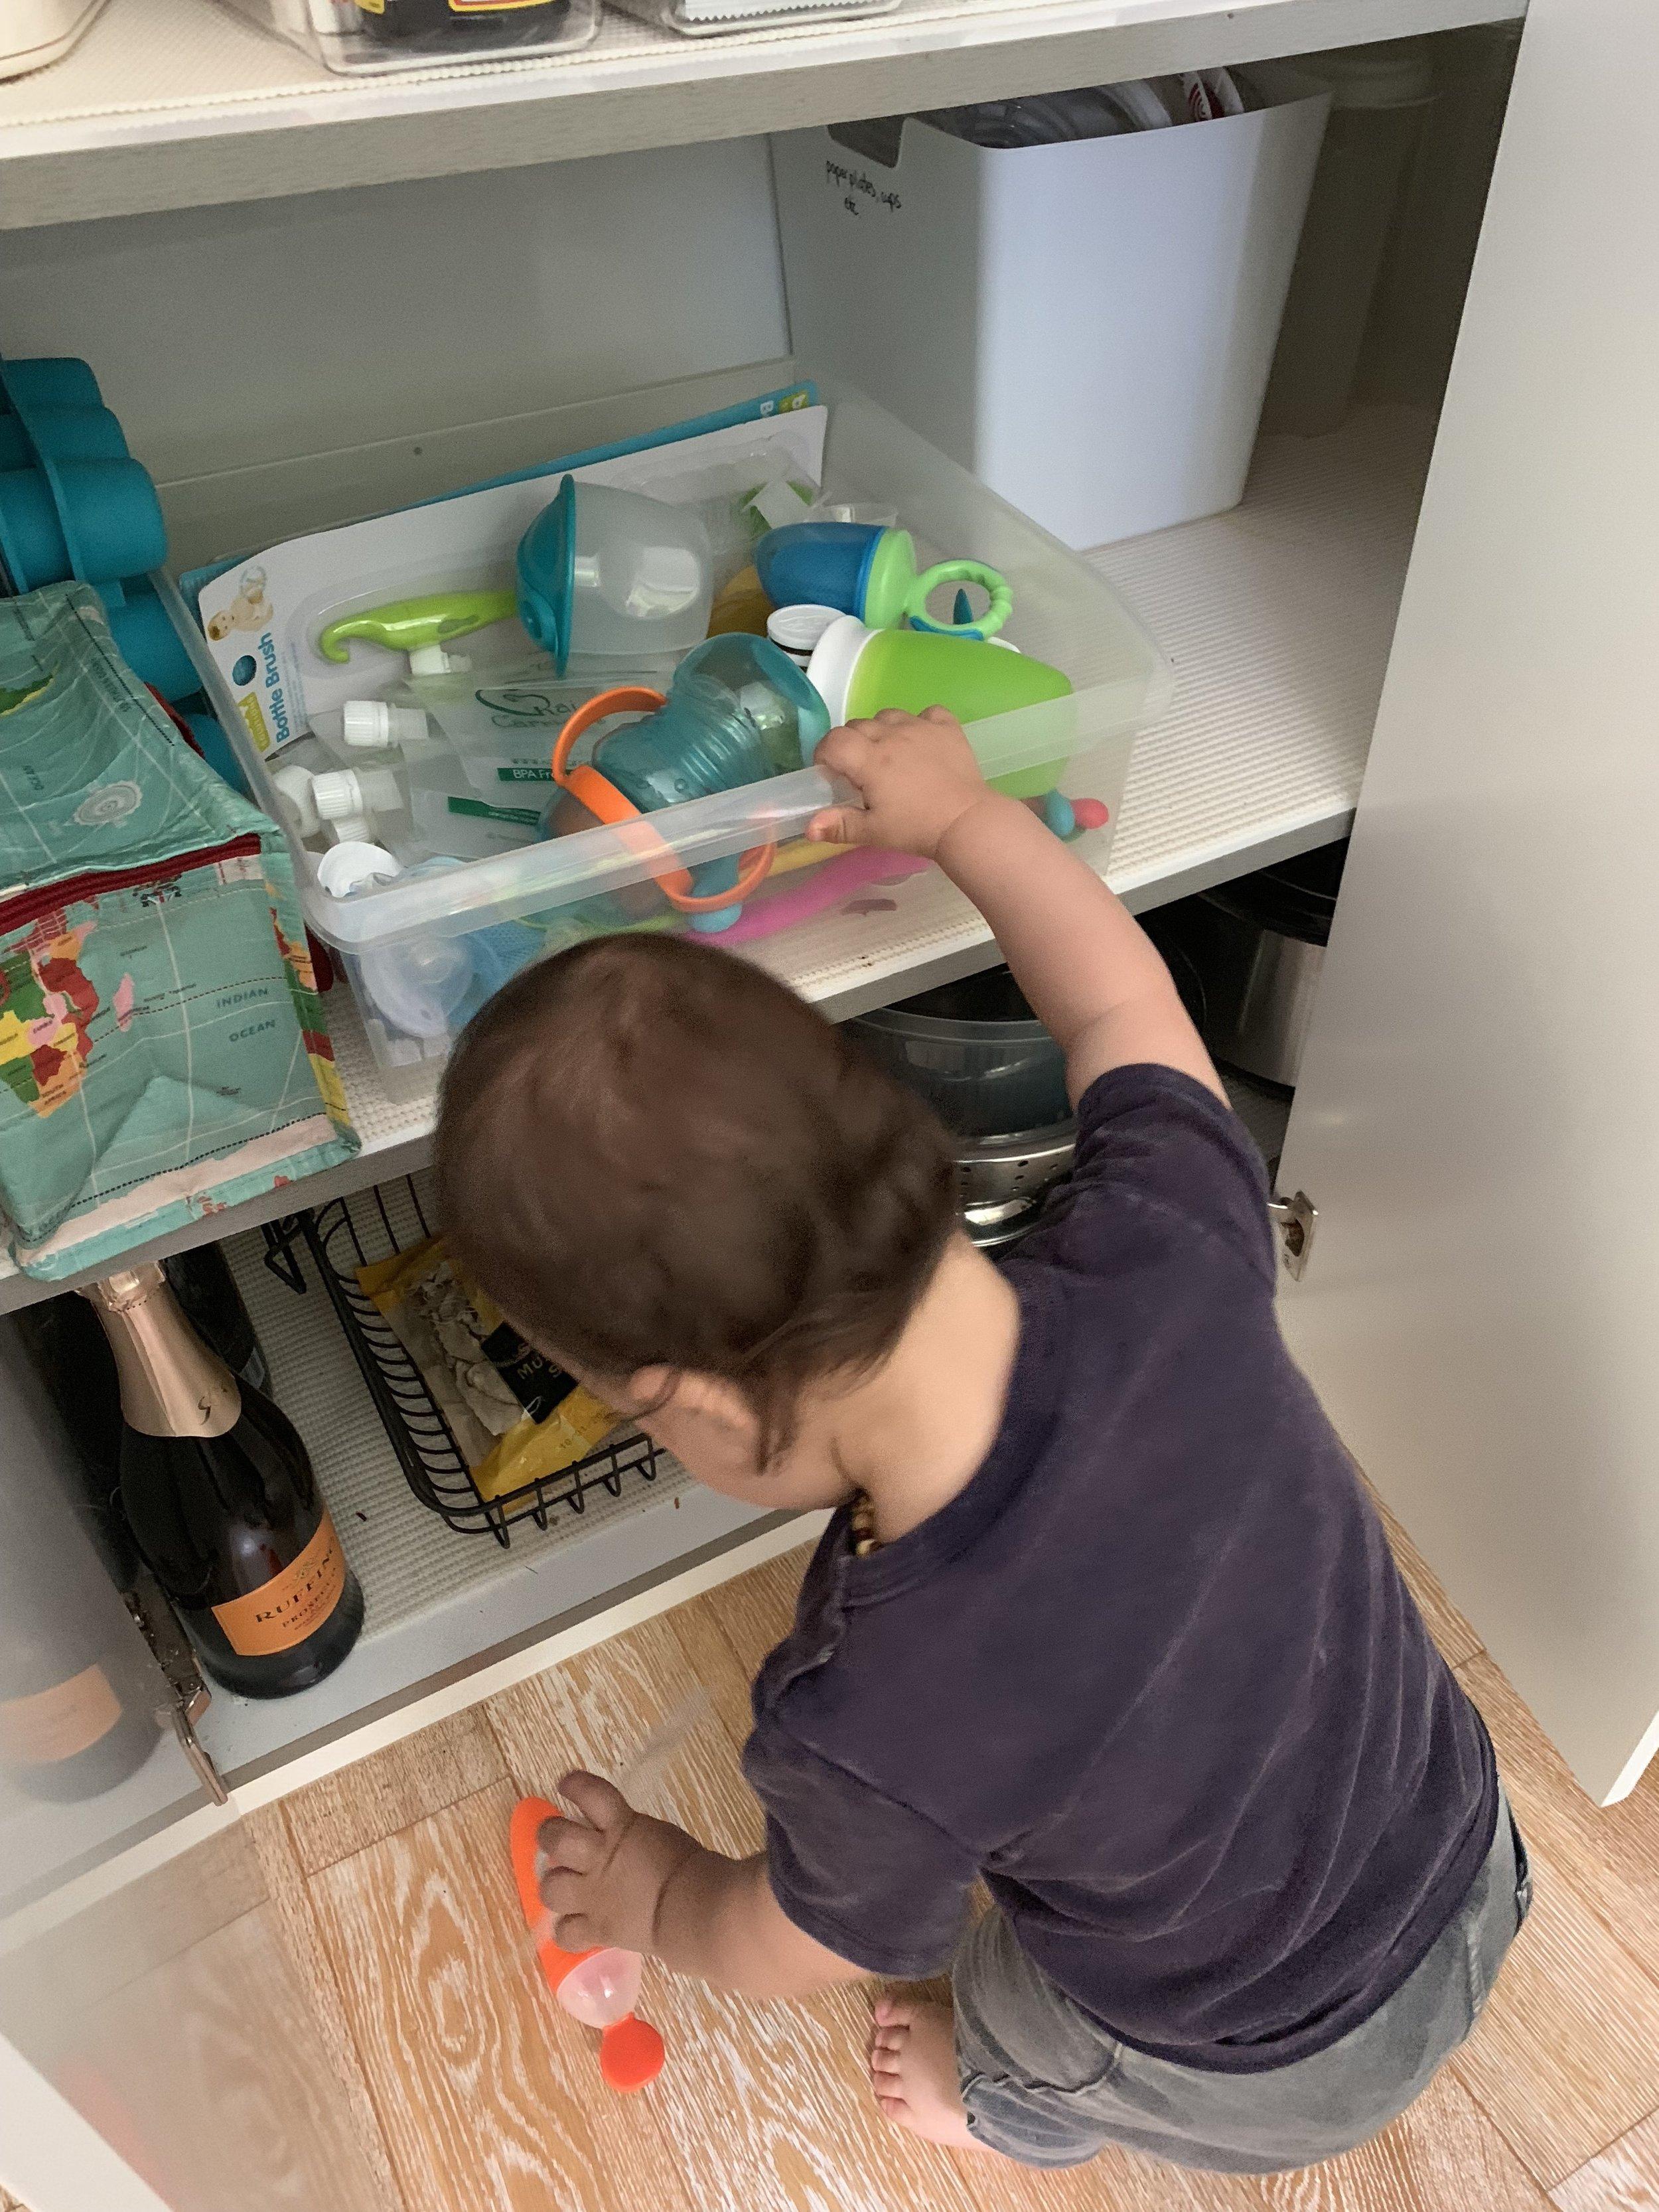 The Otis shelf in action